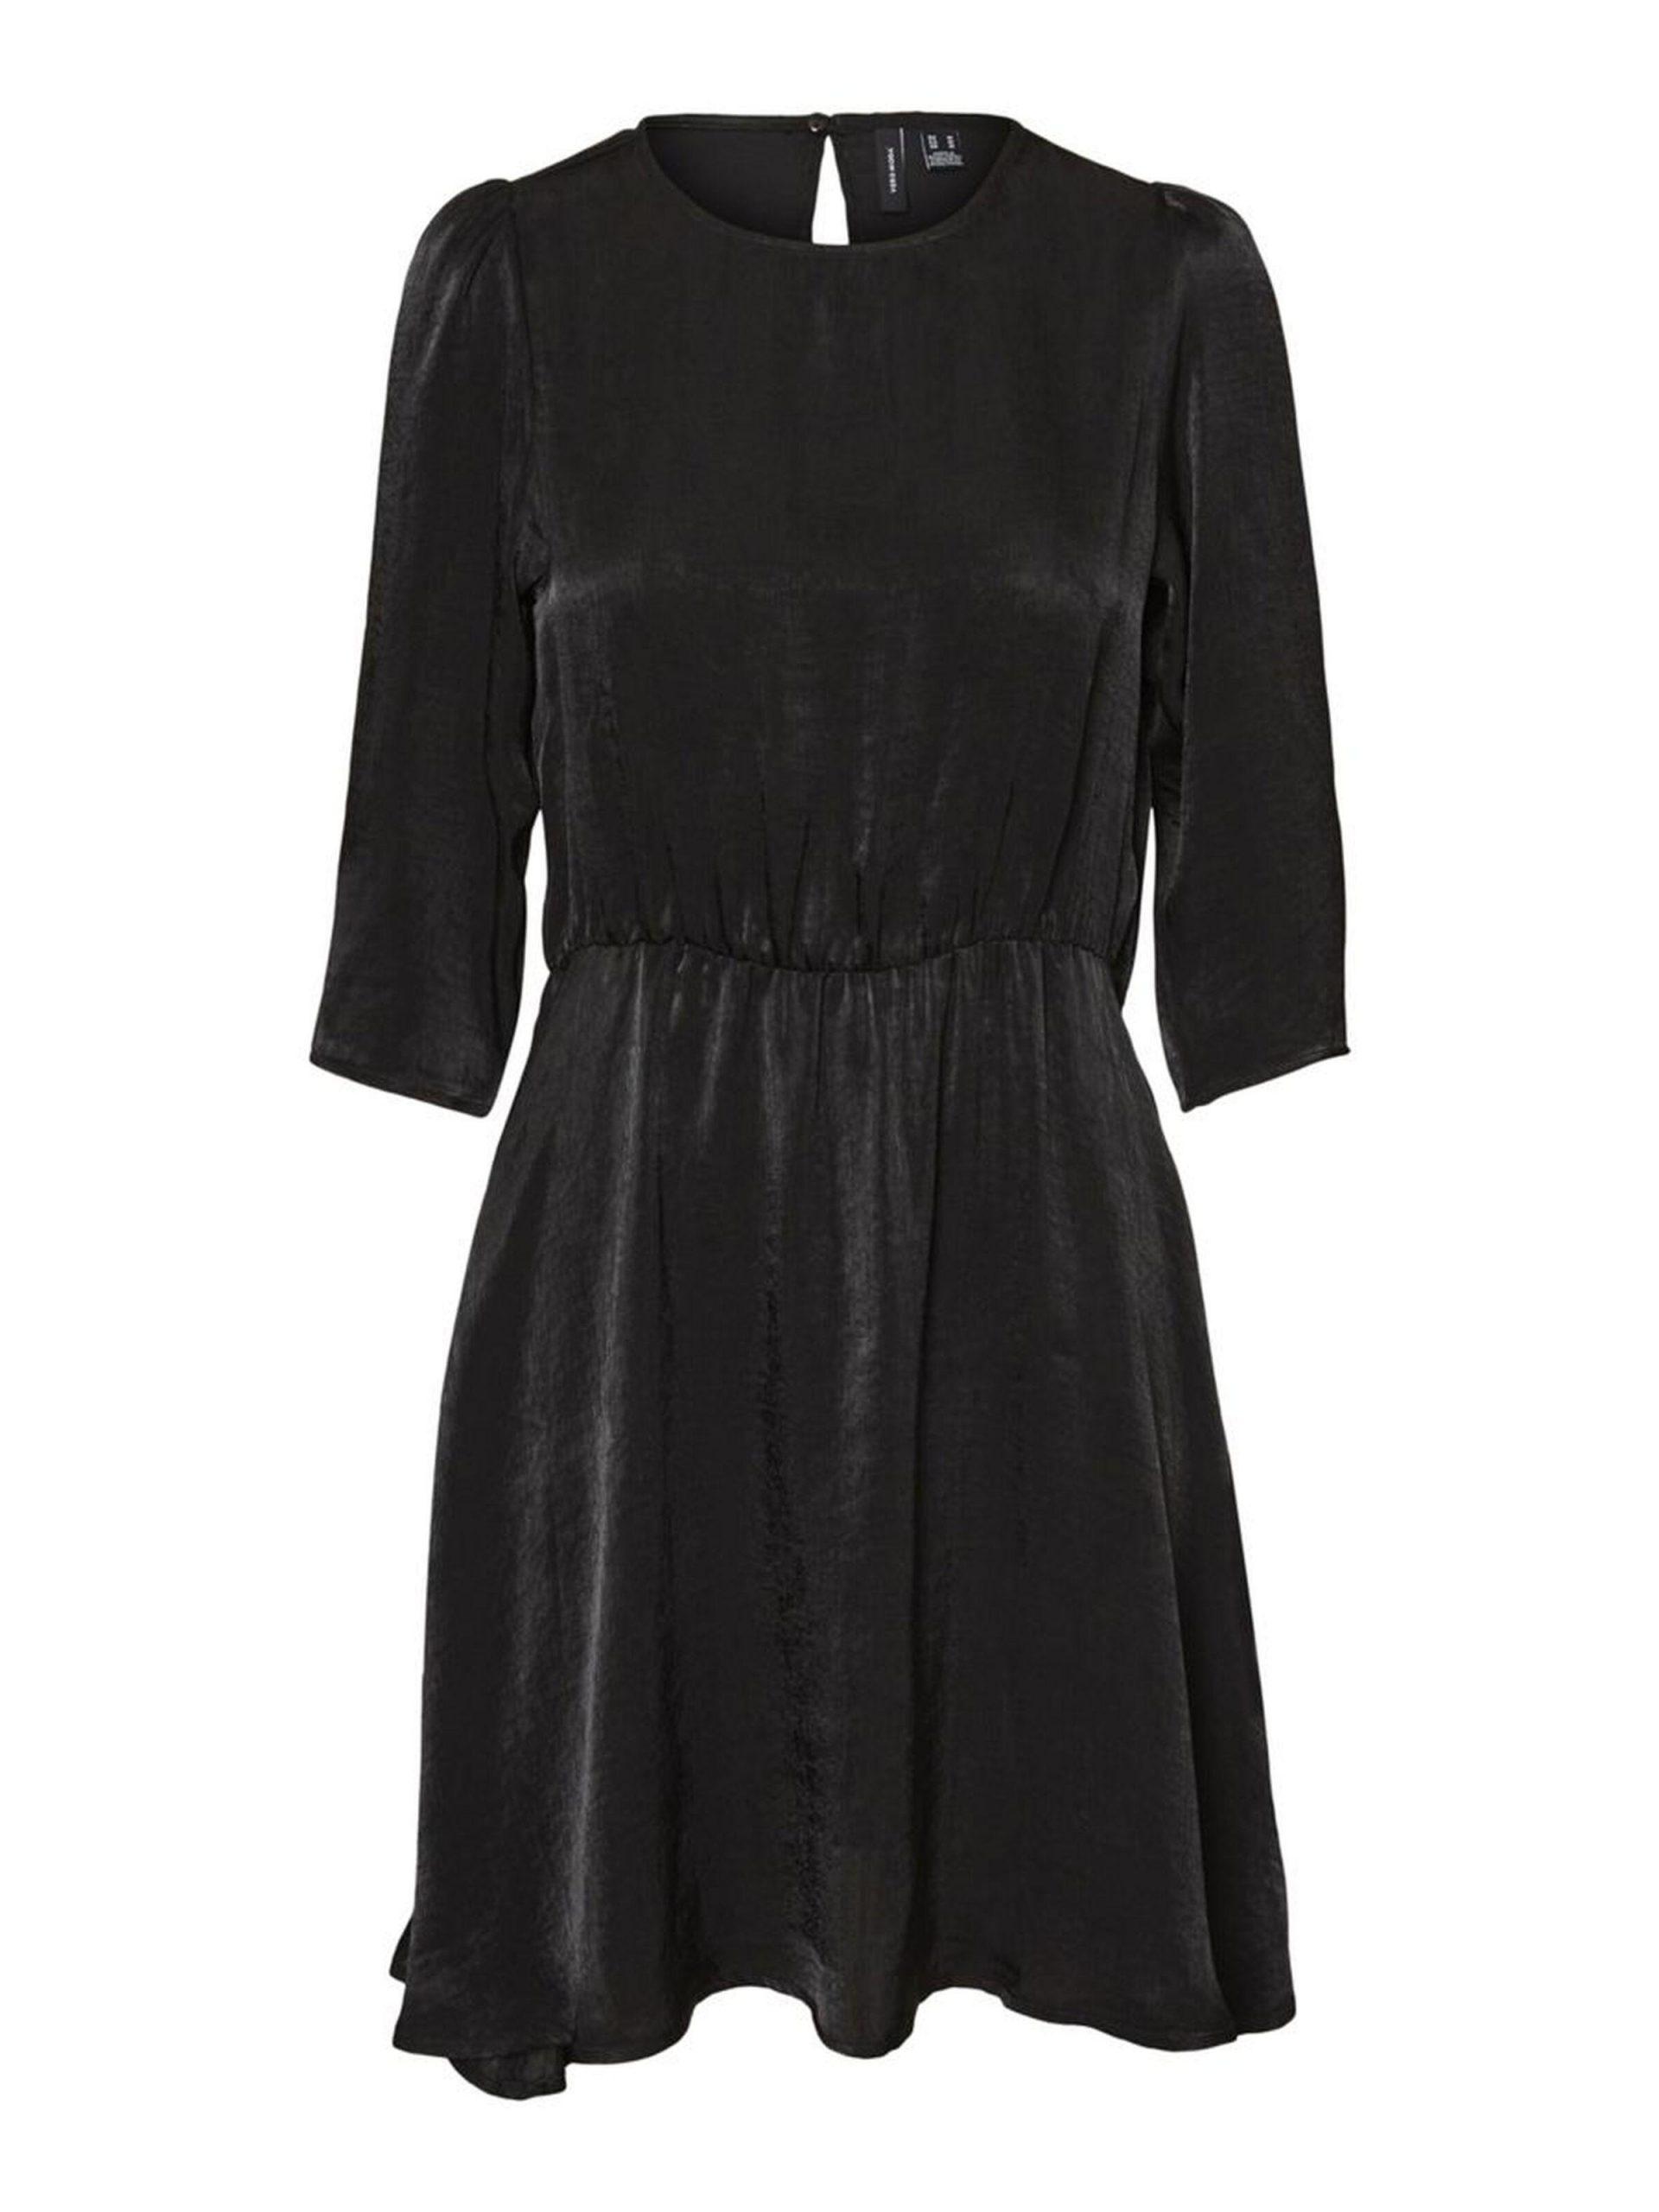 Damen Vero Moda Kleider  3/4Ärmel Minikleid Schwarz